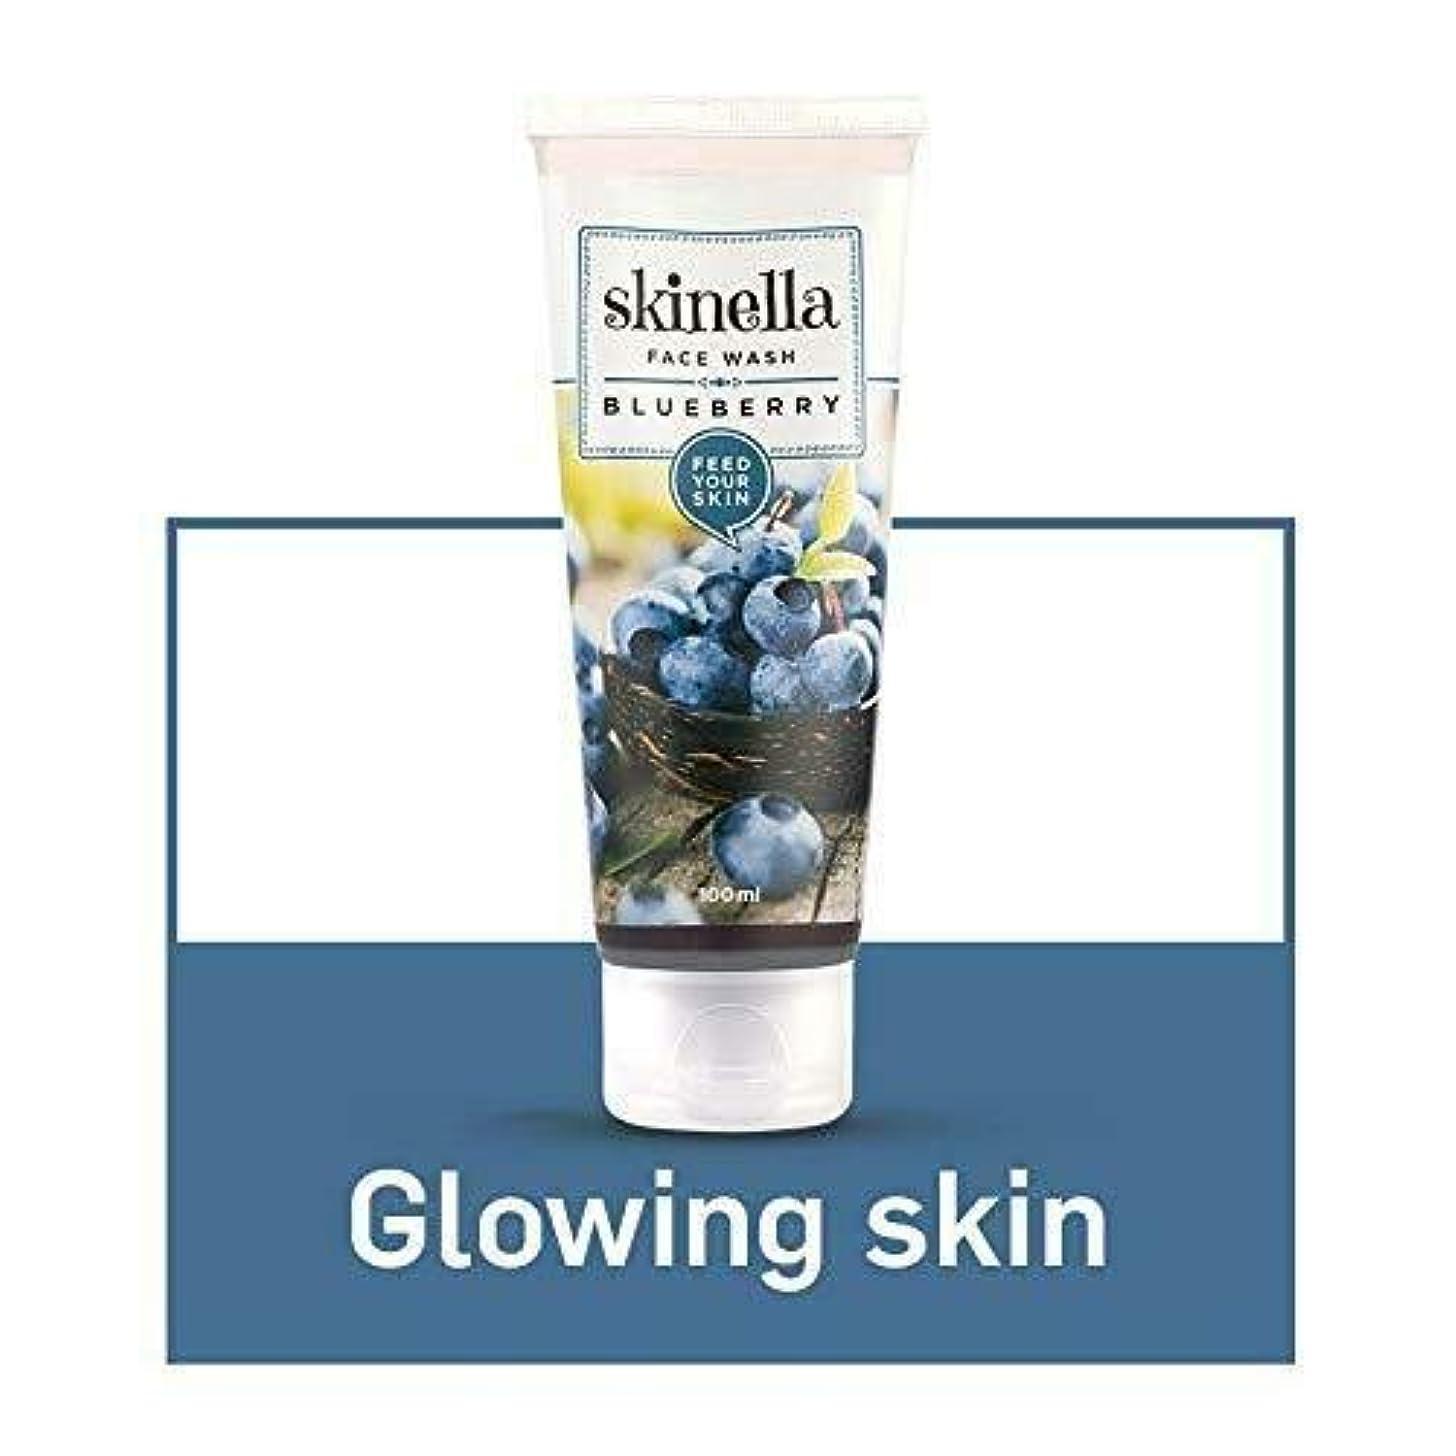 バリー辞任するいいねSkinella Blueberry Face Wash 100ml blueberry extracts & olive oil Cleanses Skin Skinellaブルーベリーフェイスウォッシュ ブルーベリーエキス...